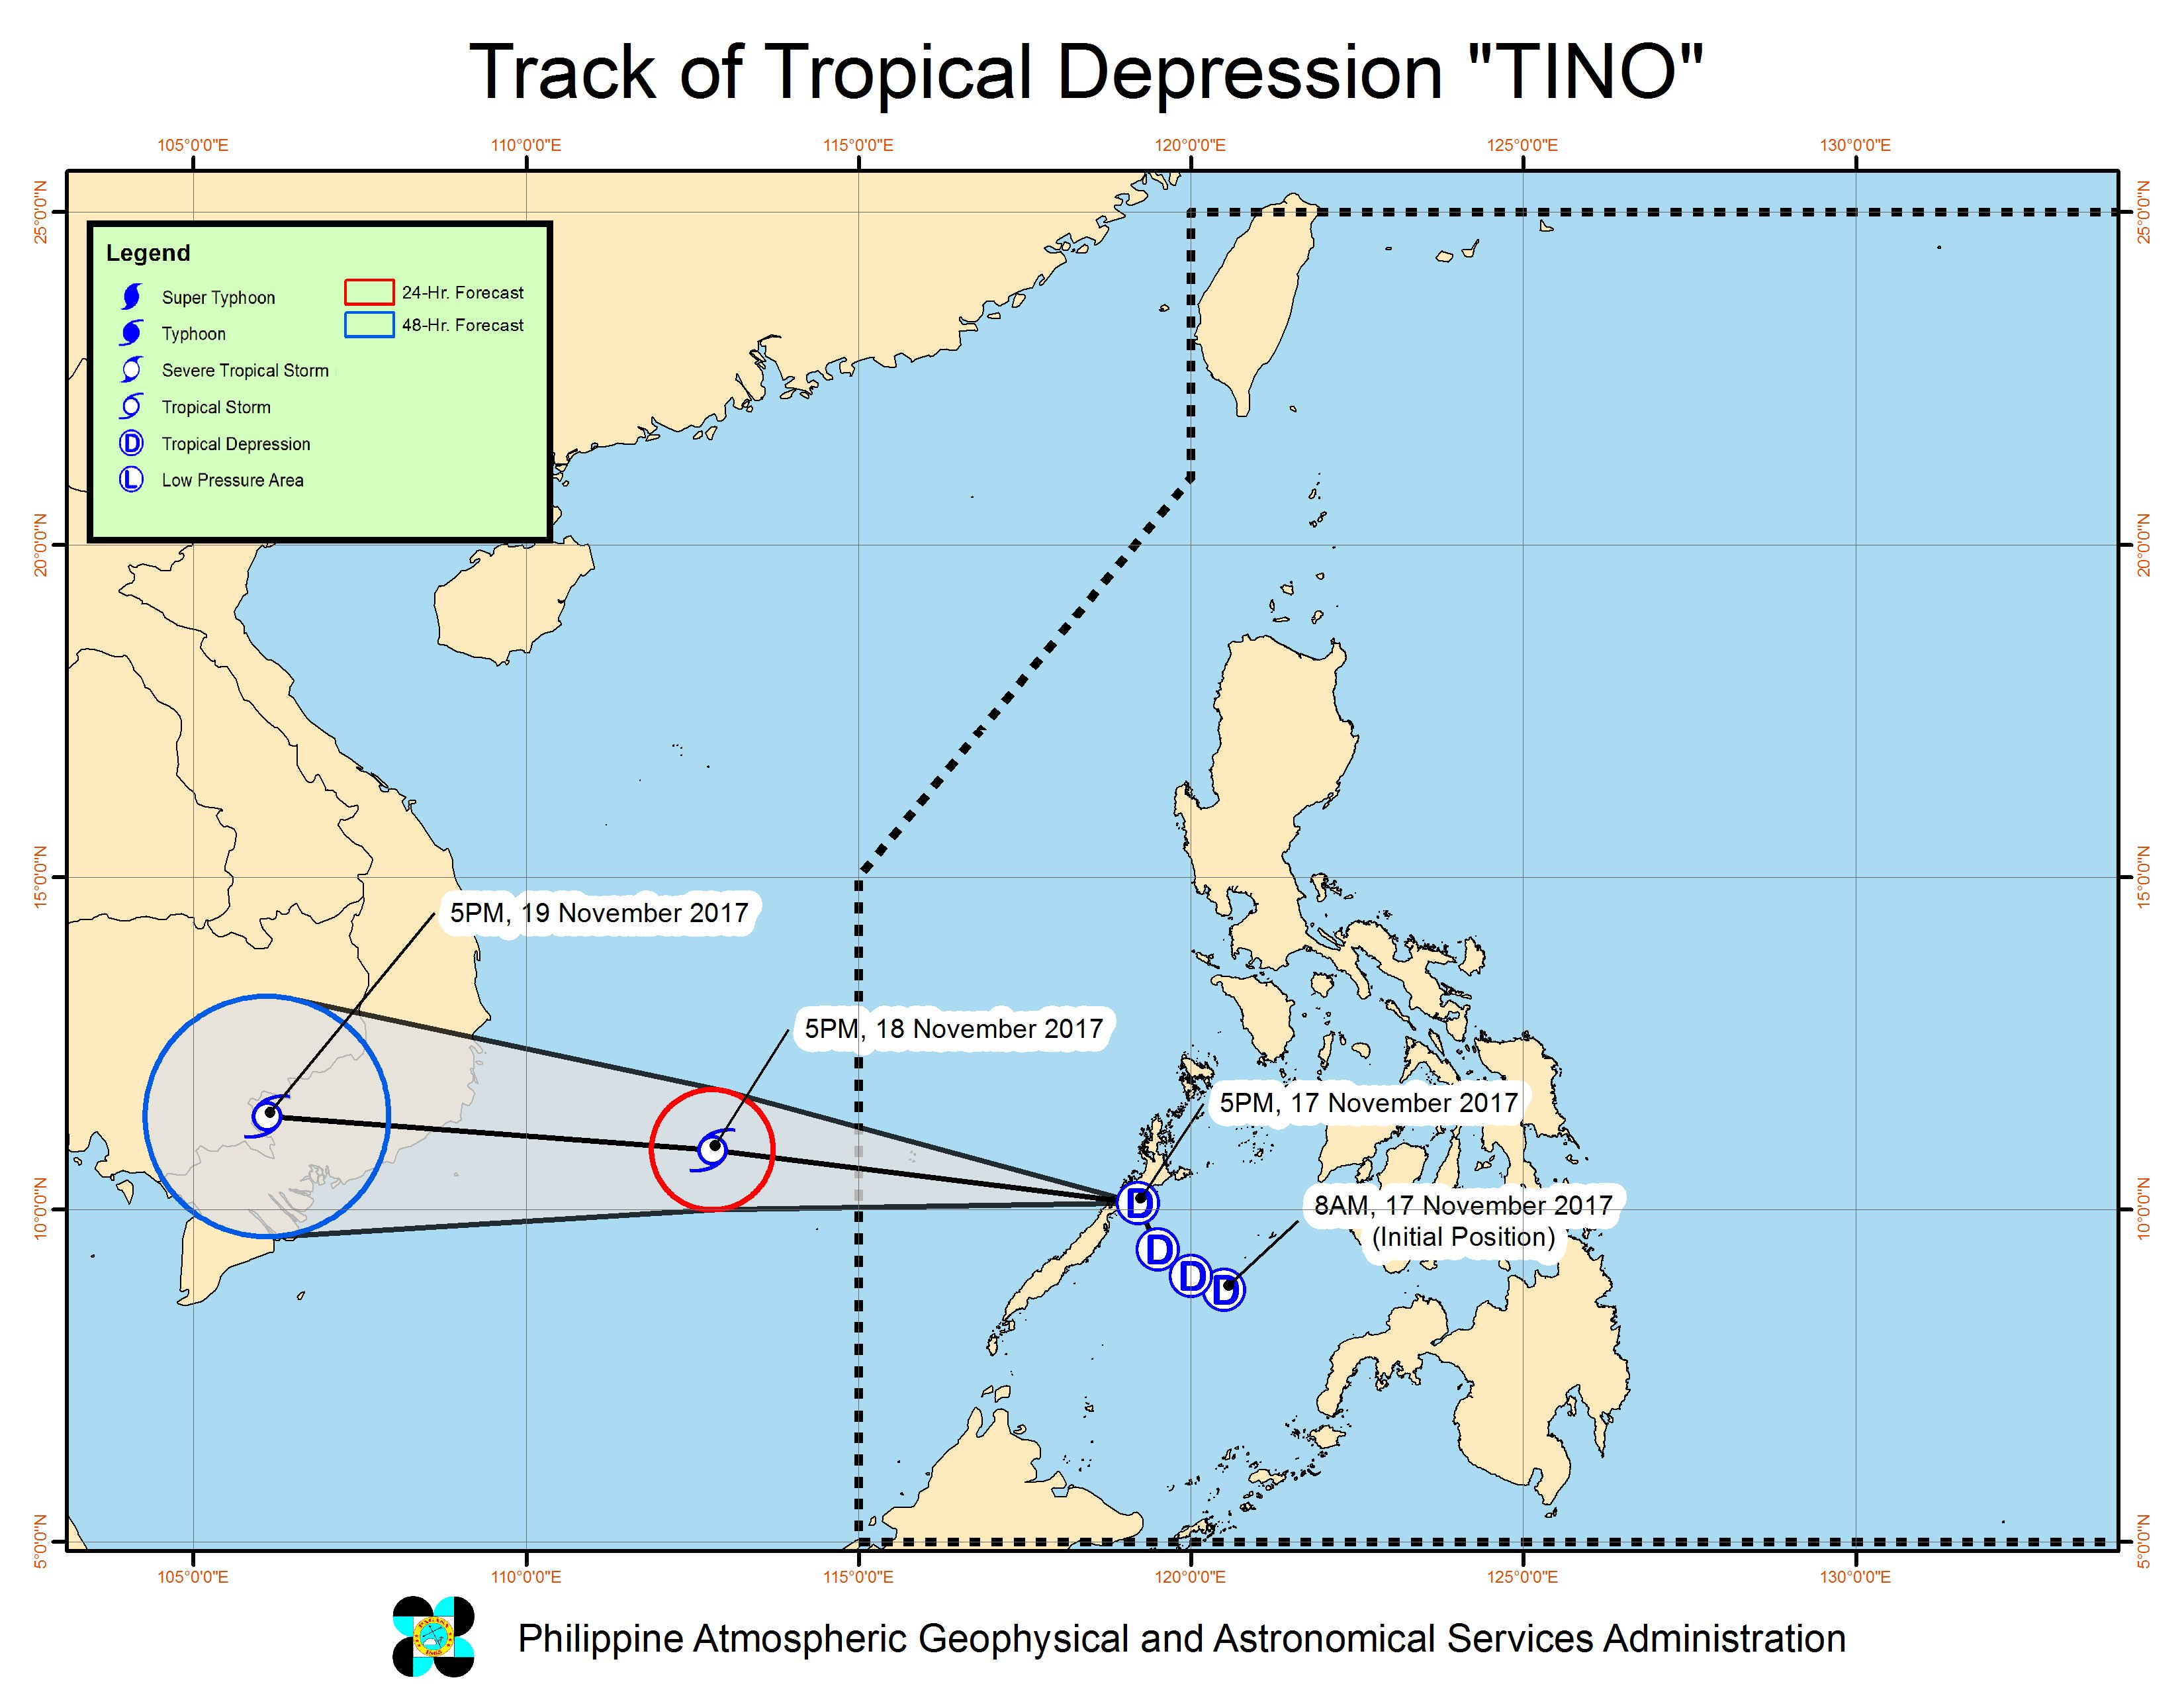 Tropical Depression Tino makes landfall in Palawan